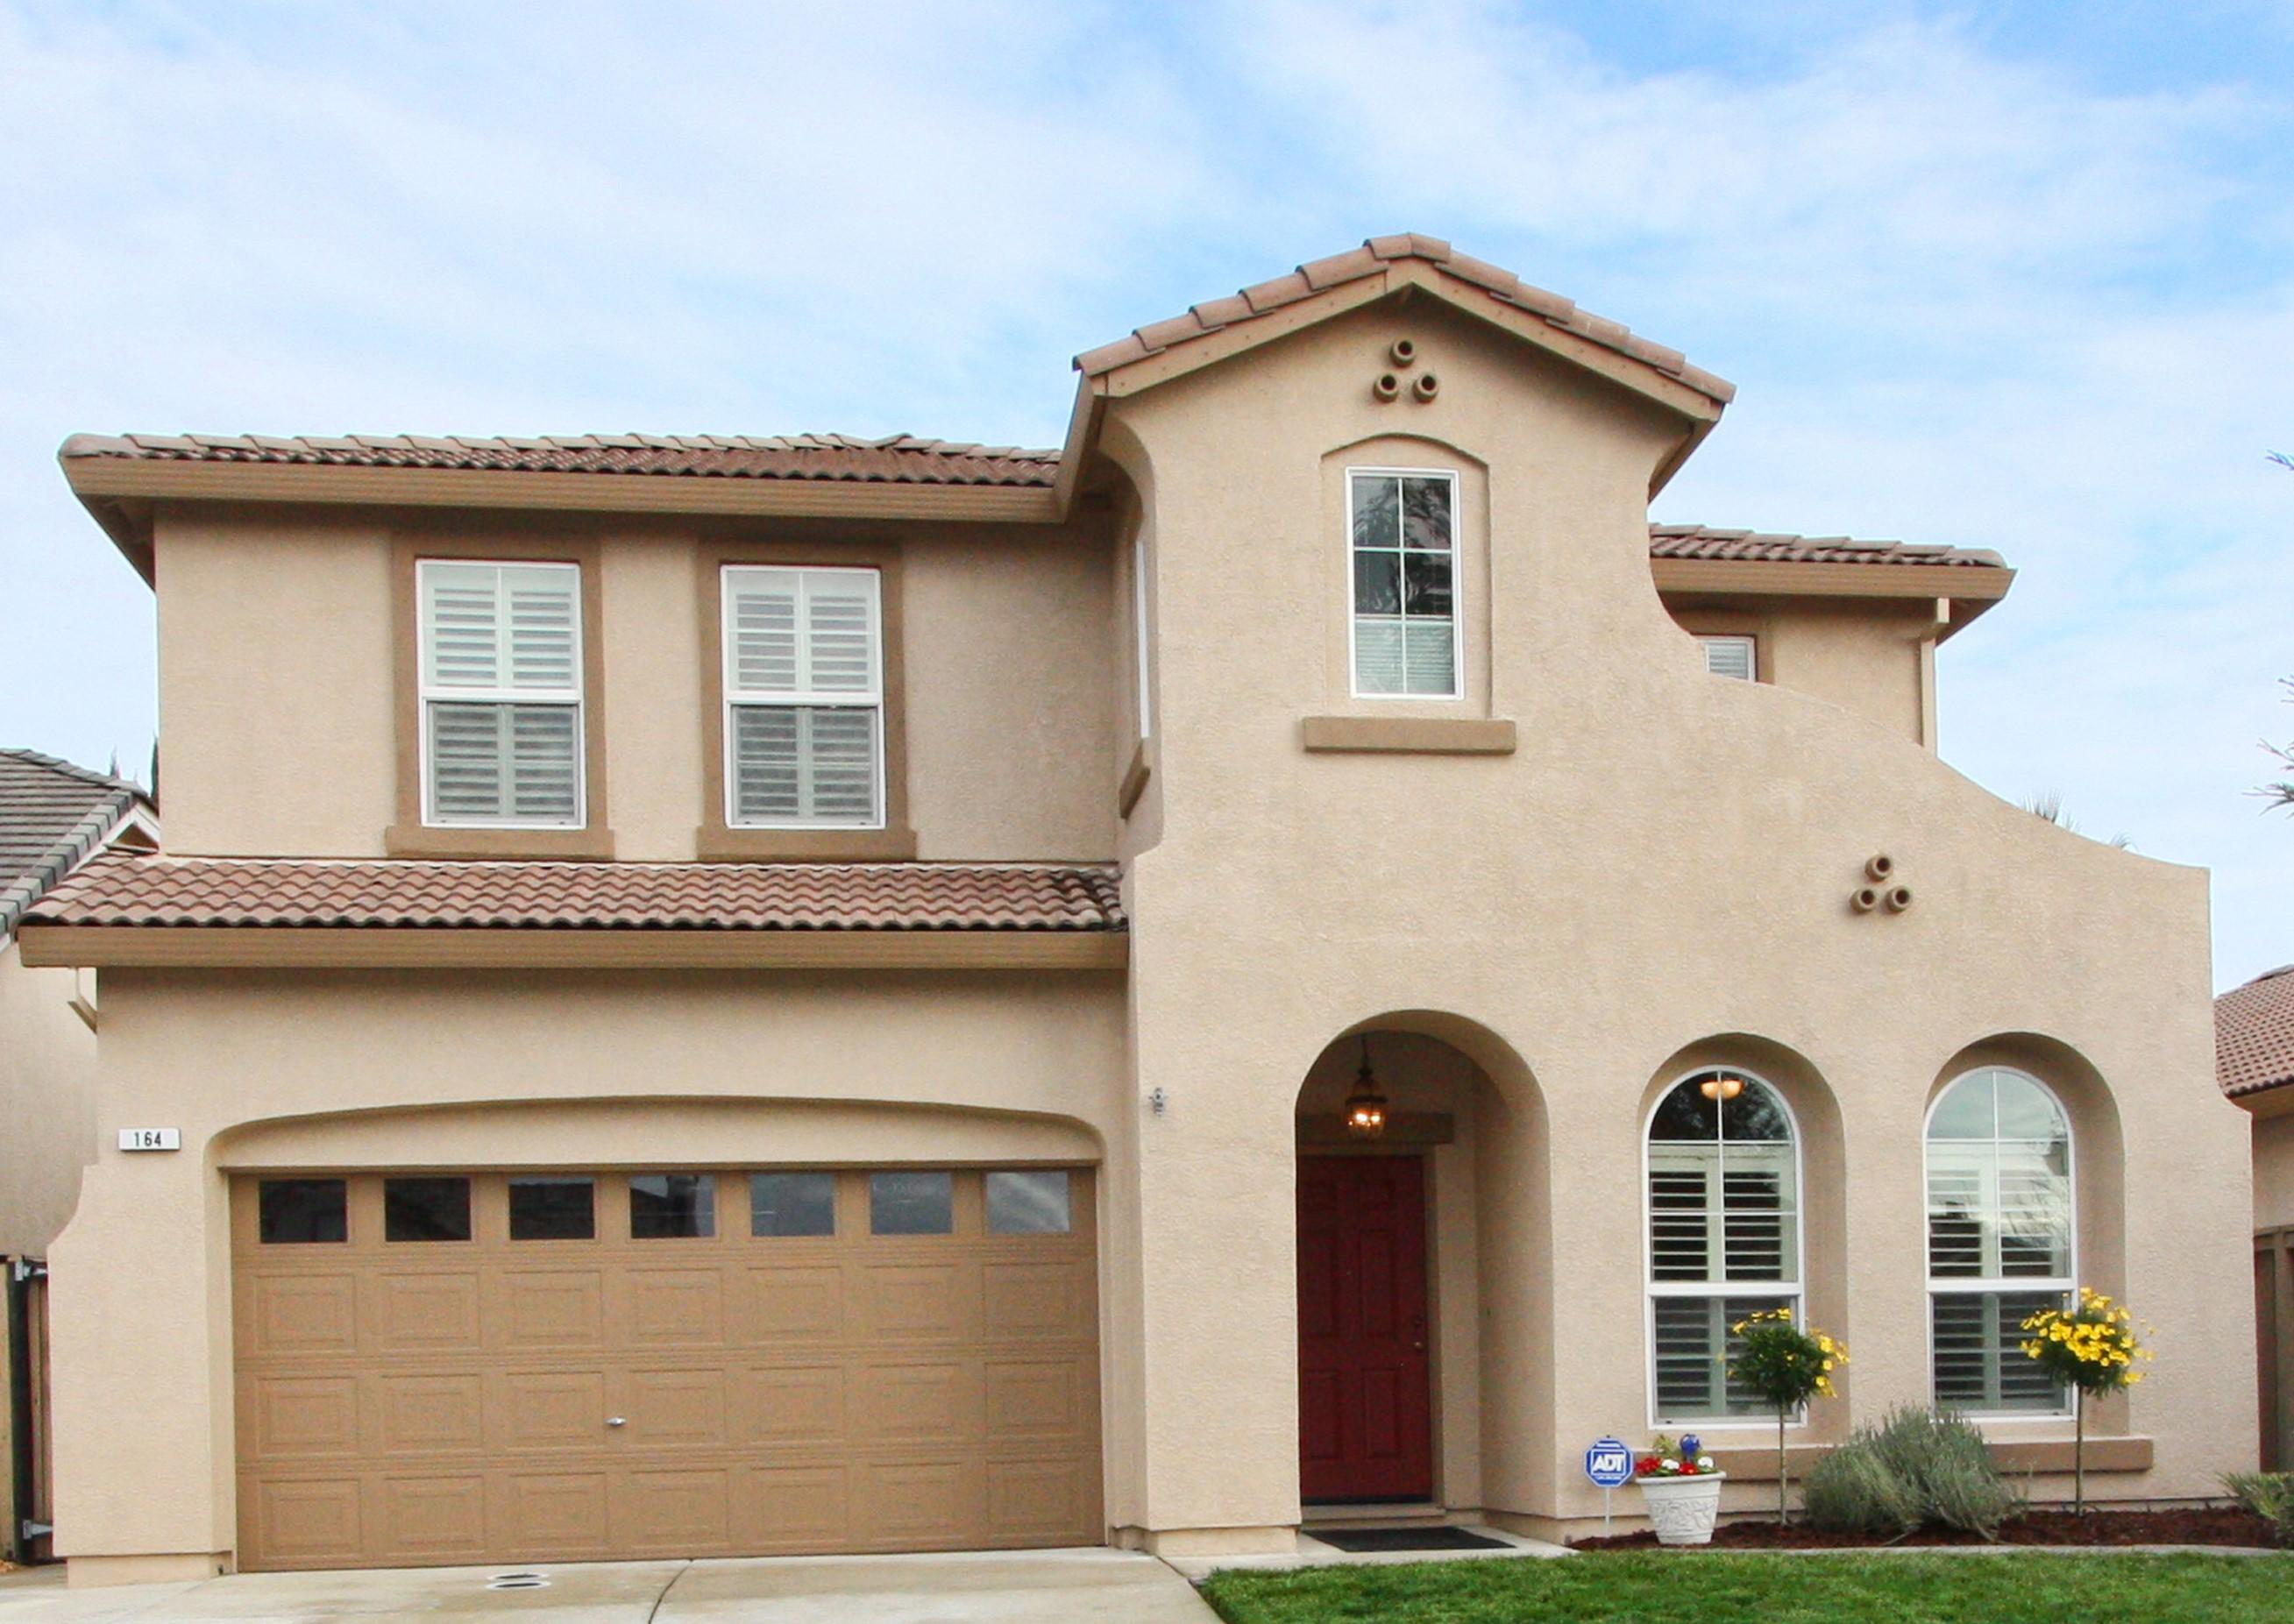 Частный односемейный дом для того Продажа на La Vina 164 La Vina Court Roseville, Калифорния 95747 Соединенные Штаты